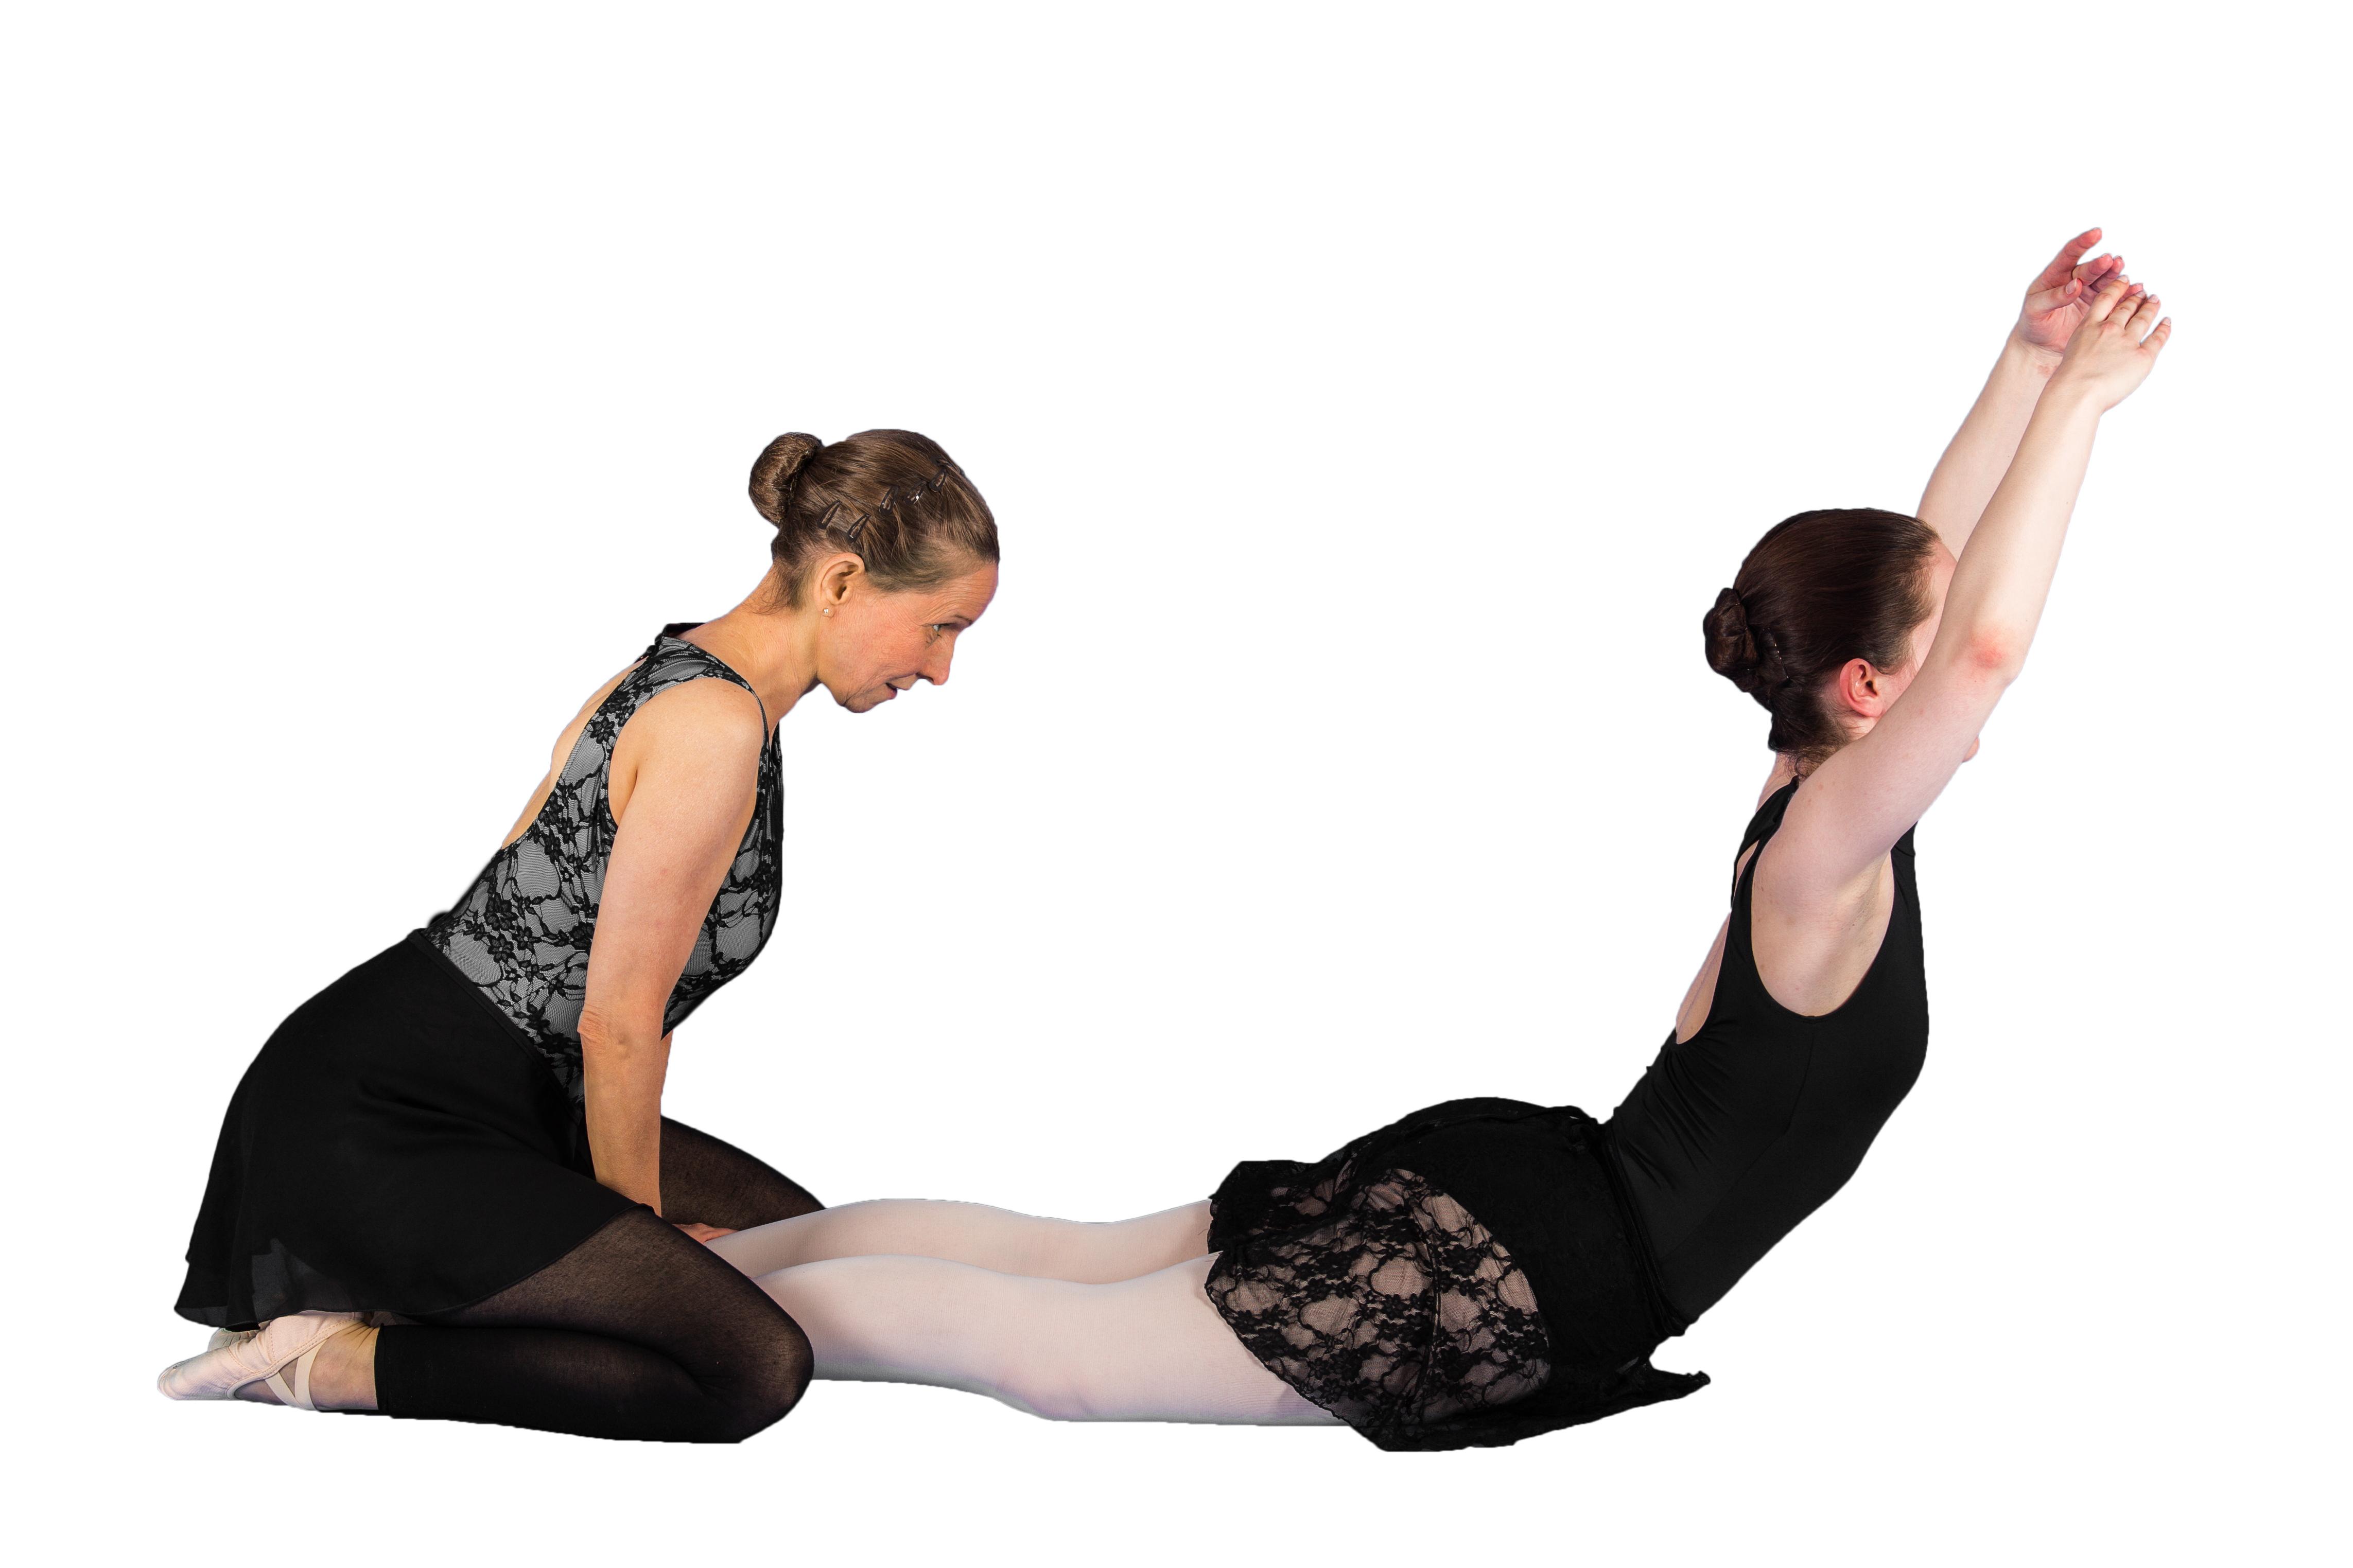 Ballettschule Annette Farber Ballett für Kinder, Jugendliche und Erwachsene, Senioren (25)